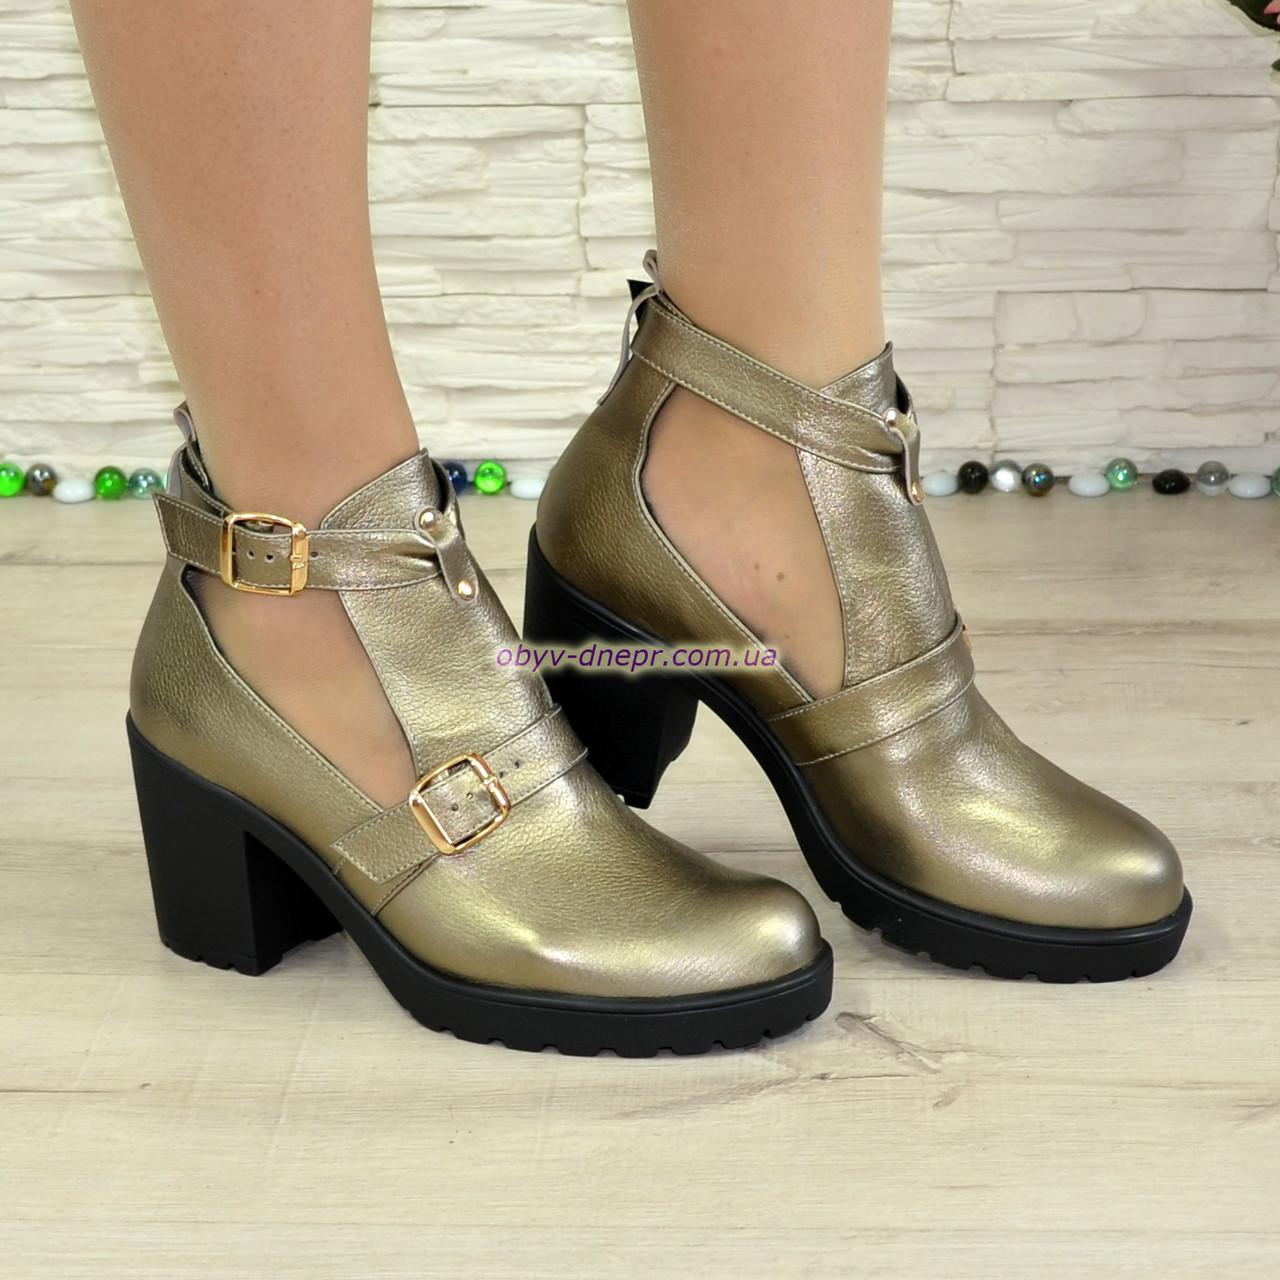 Ботильоны открытые кожаные женские на каблуке, цвет бронза. 39 размер